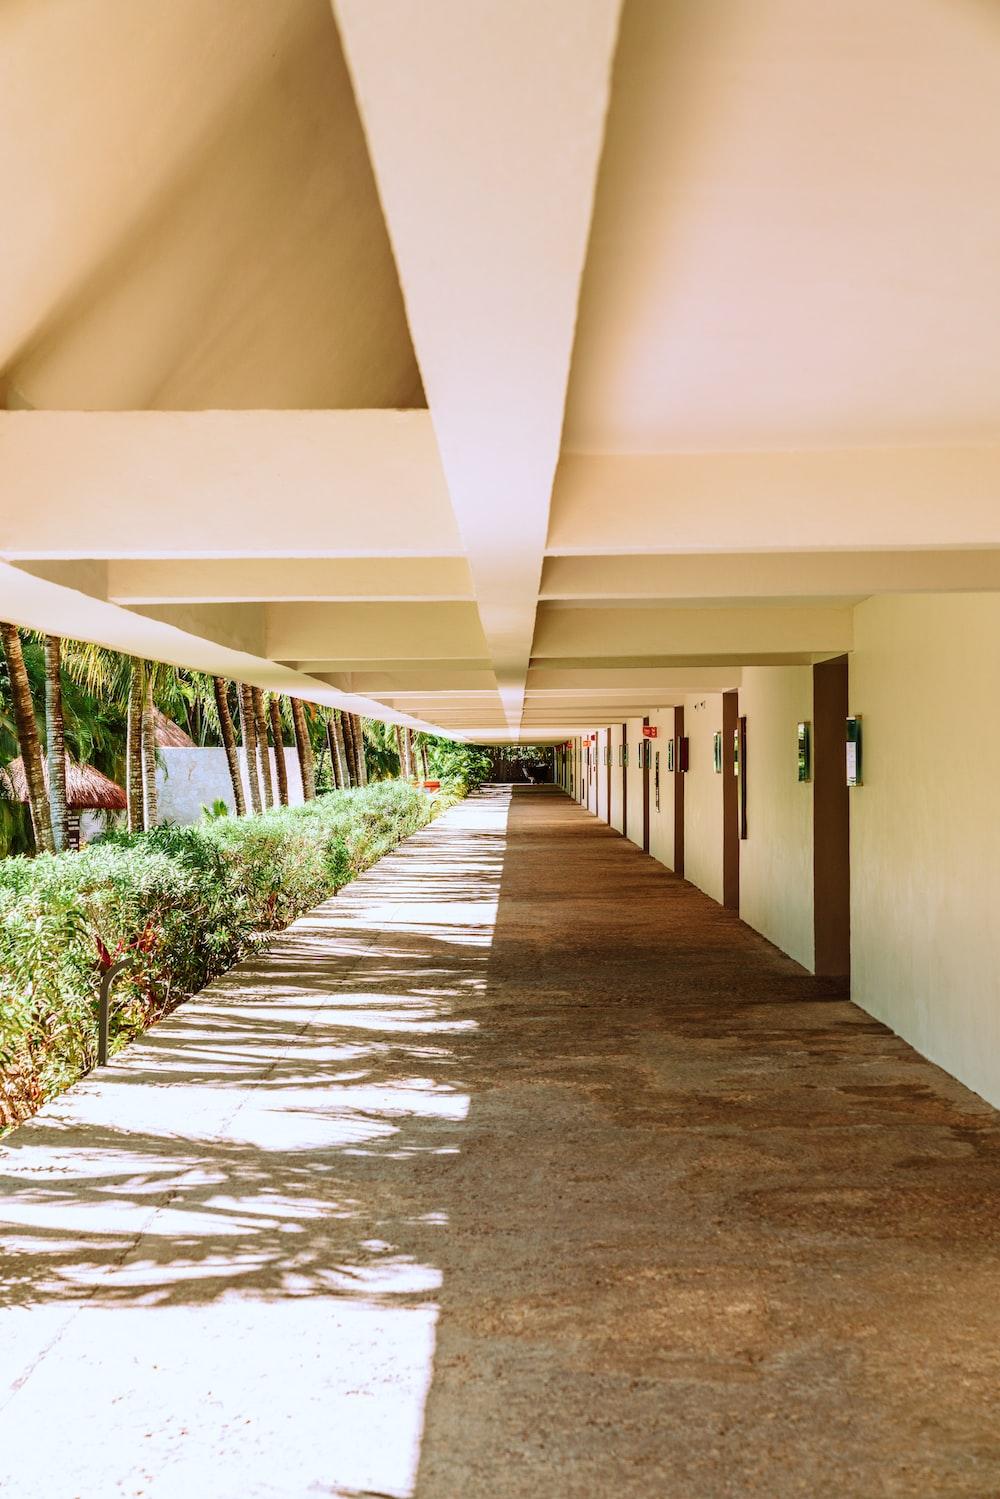 brown concrete pathway between green plants